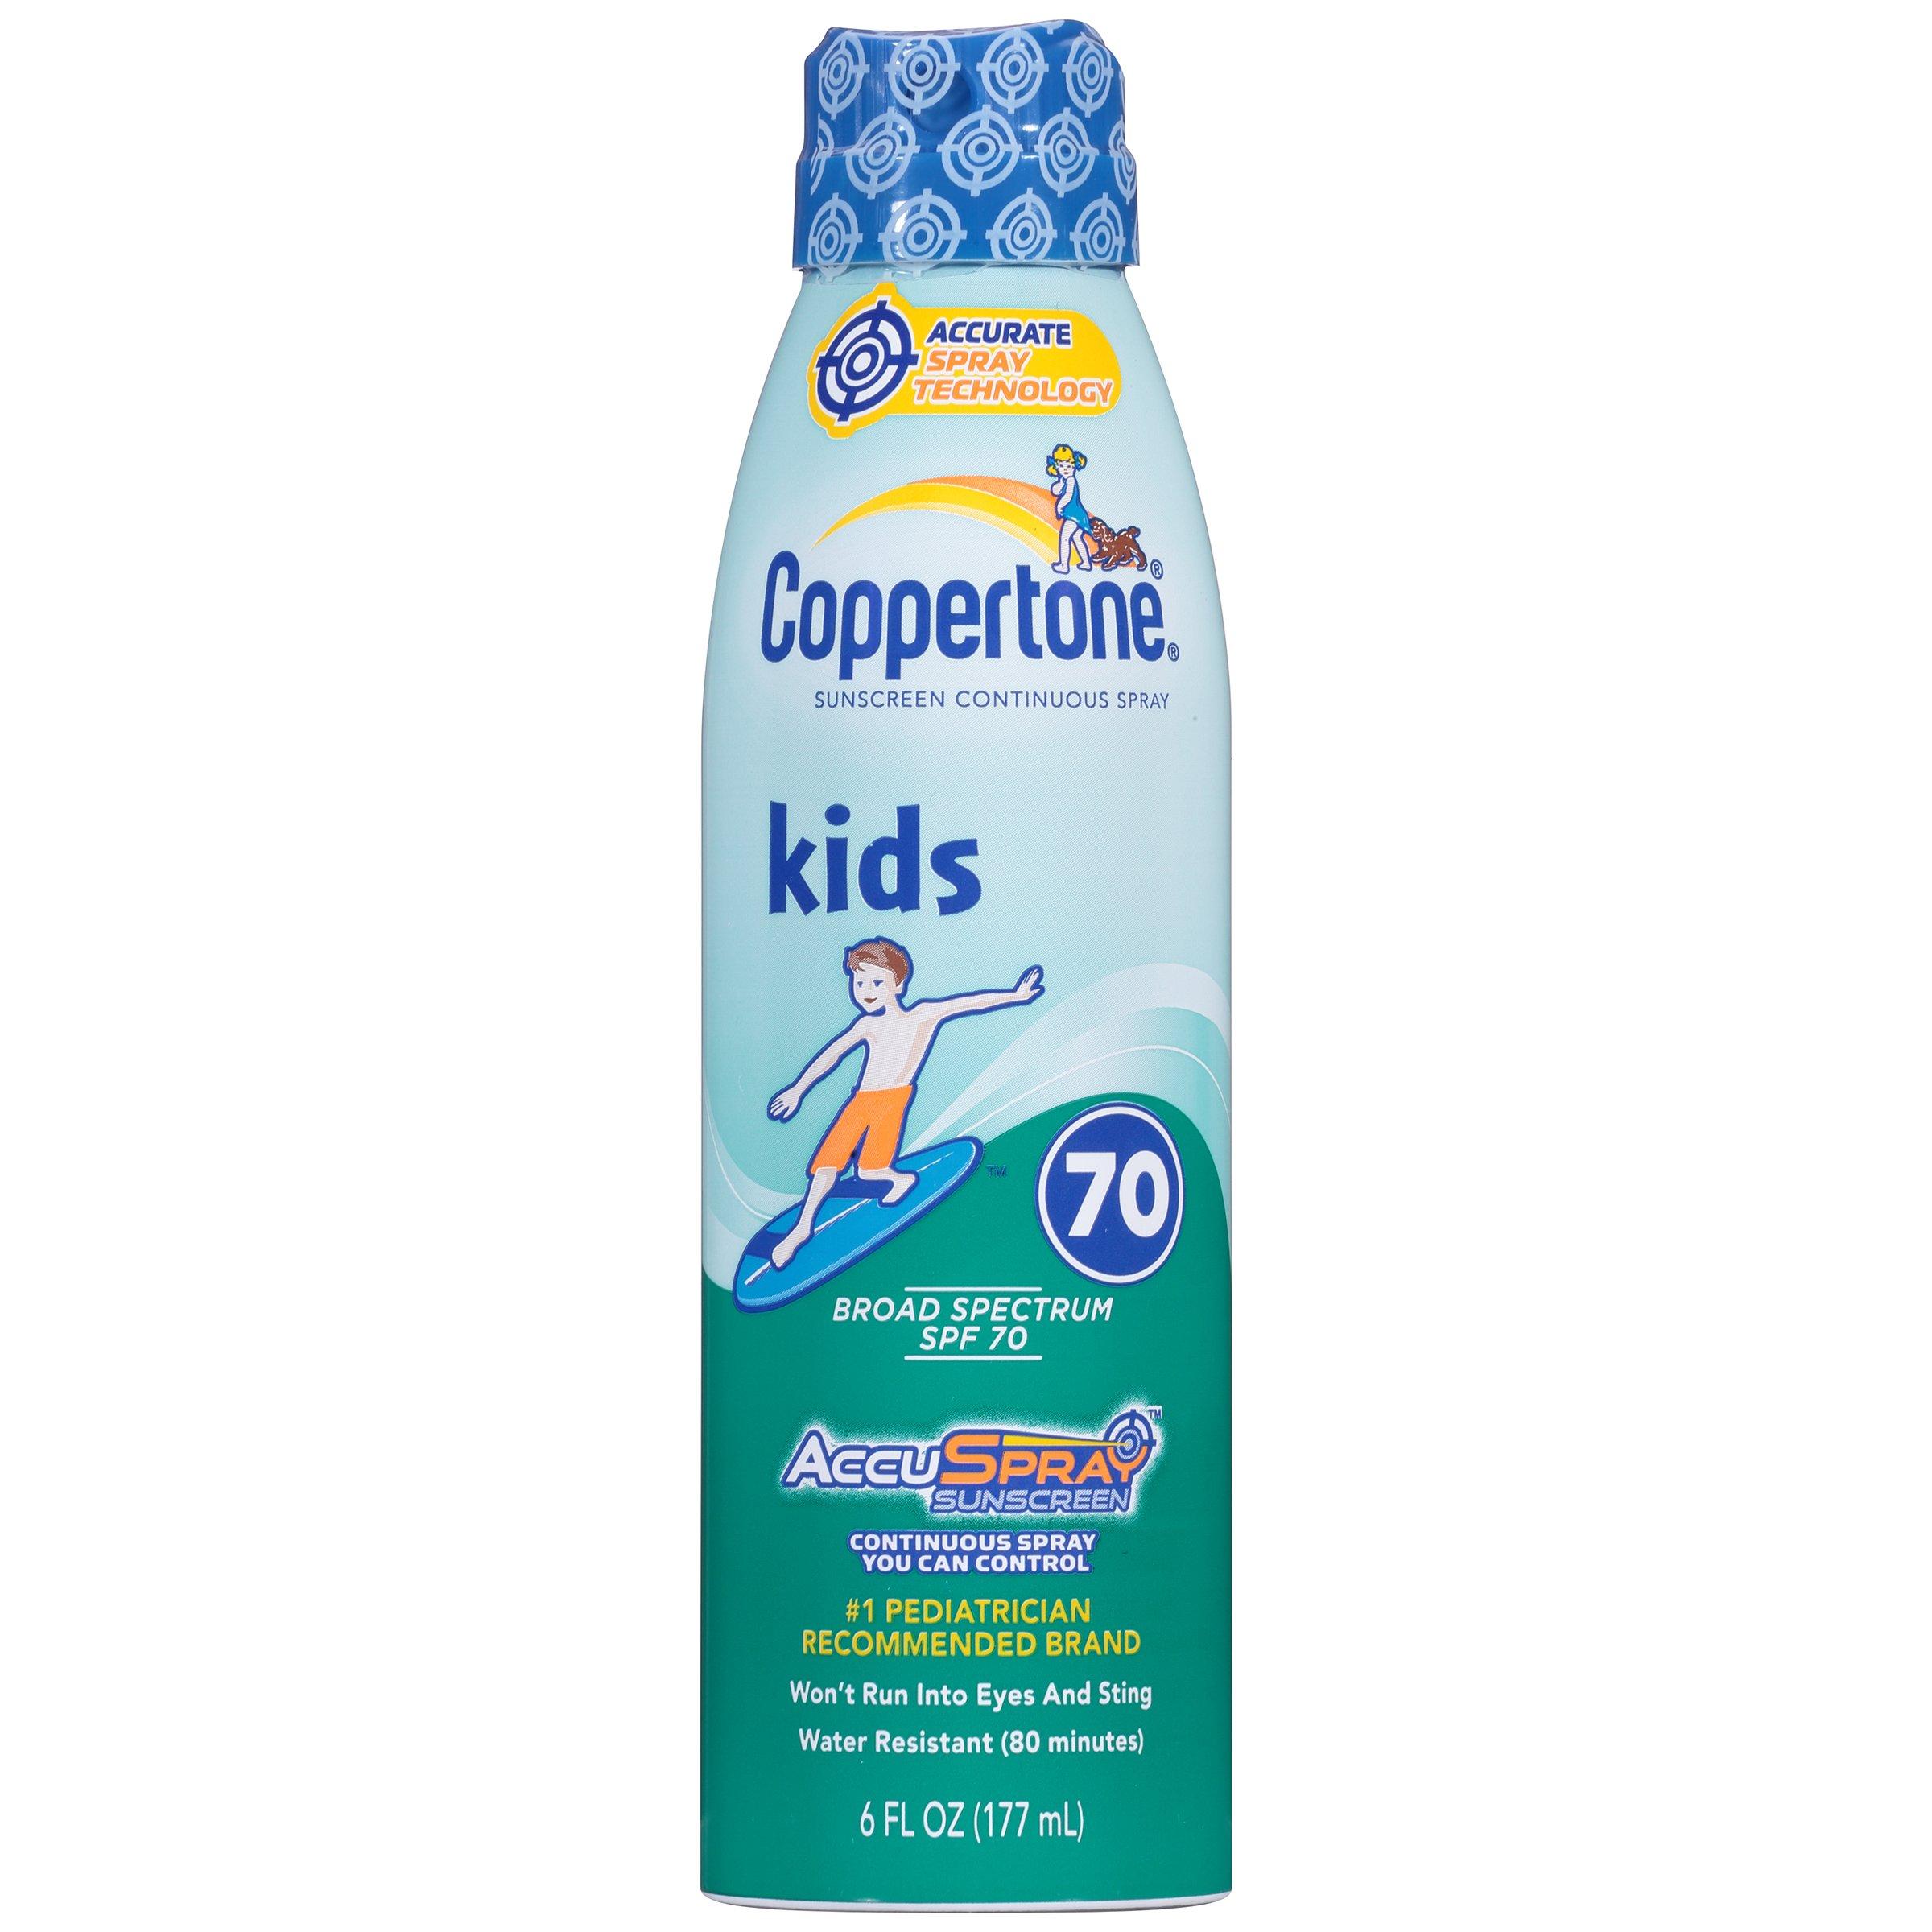 Coppertone Kids Clear C-Spray SPF 70, 6 Fluid Ounce